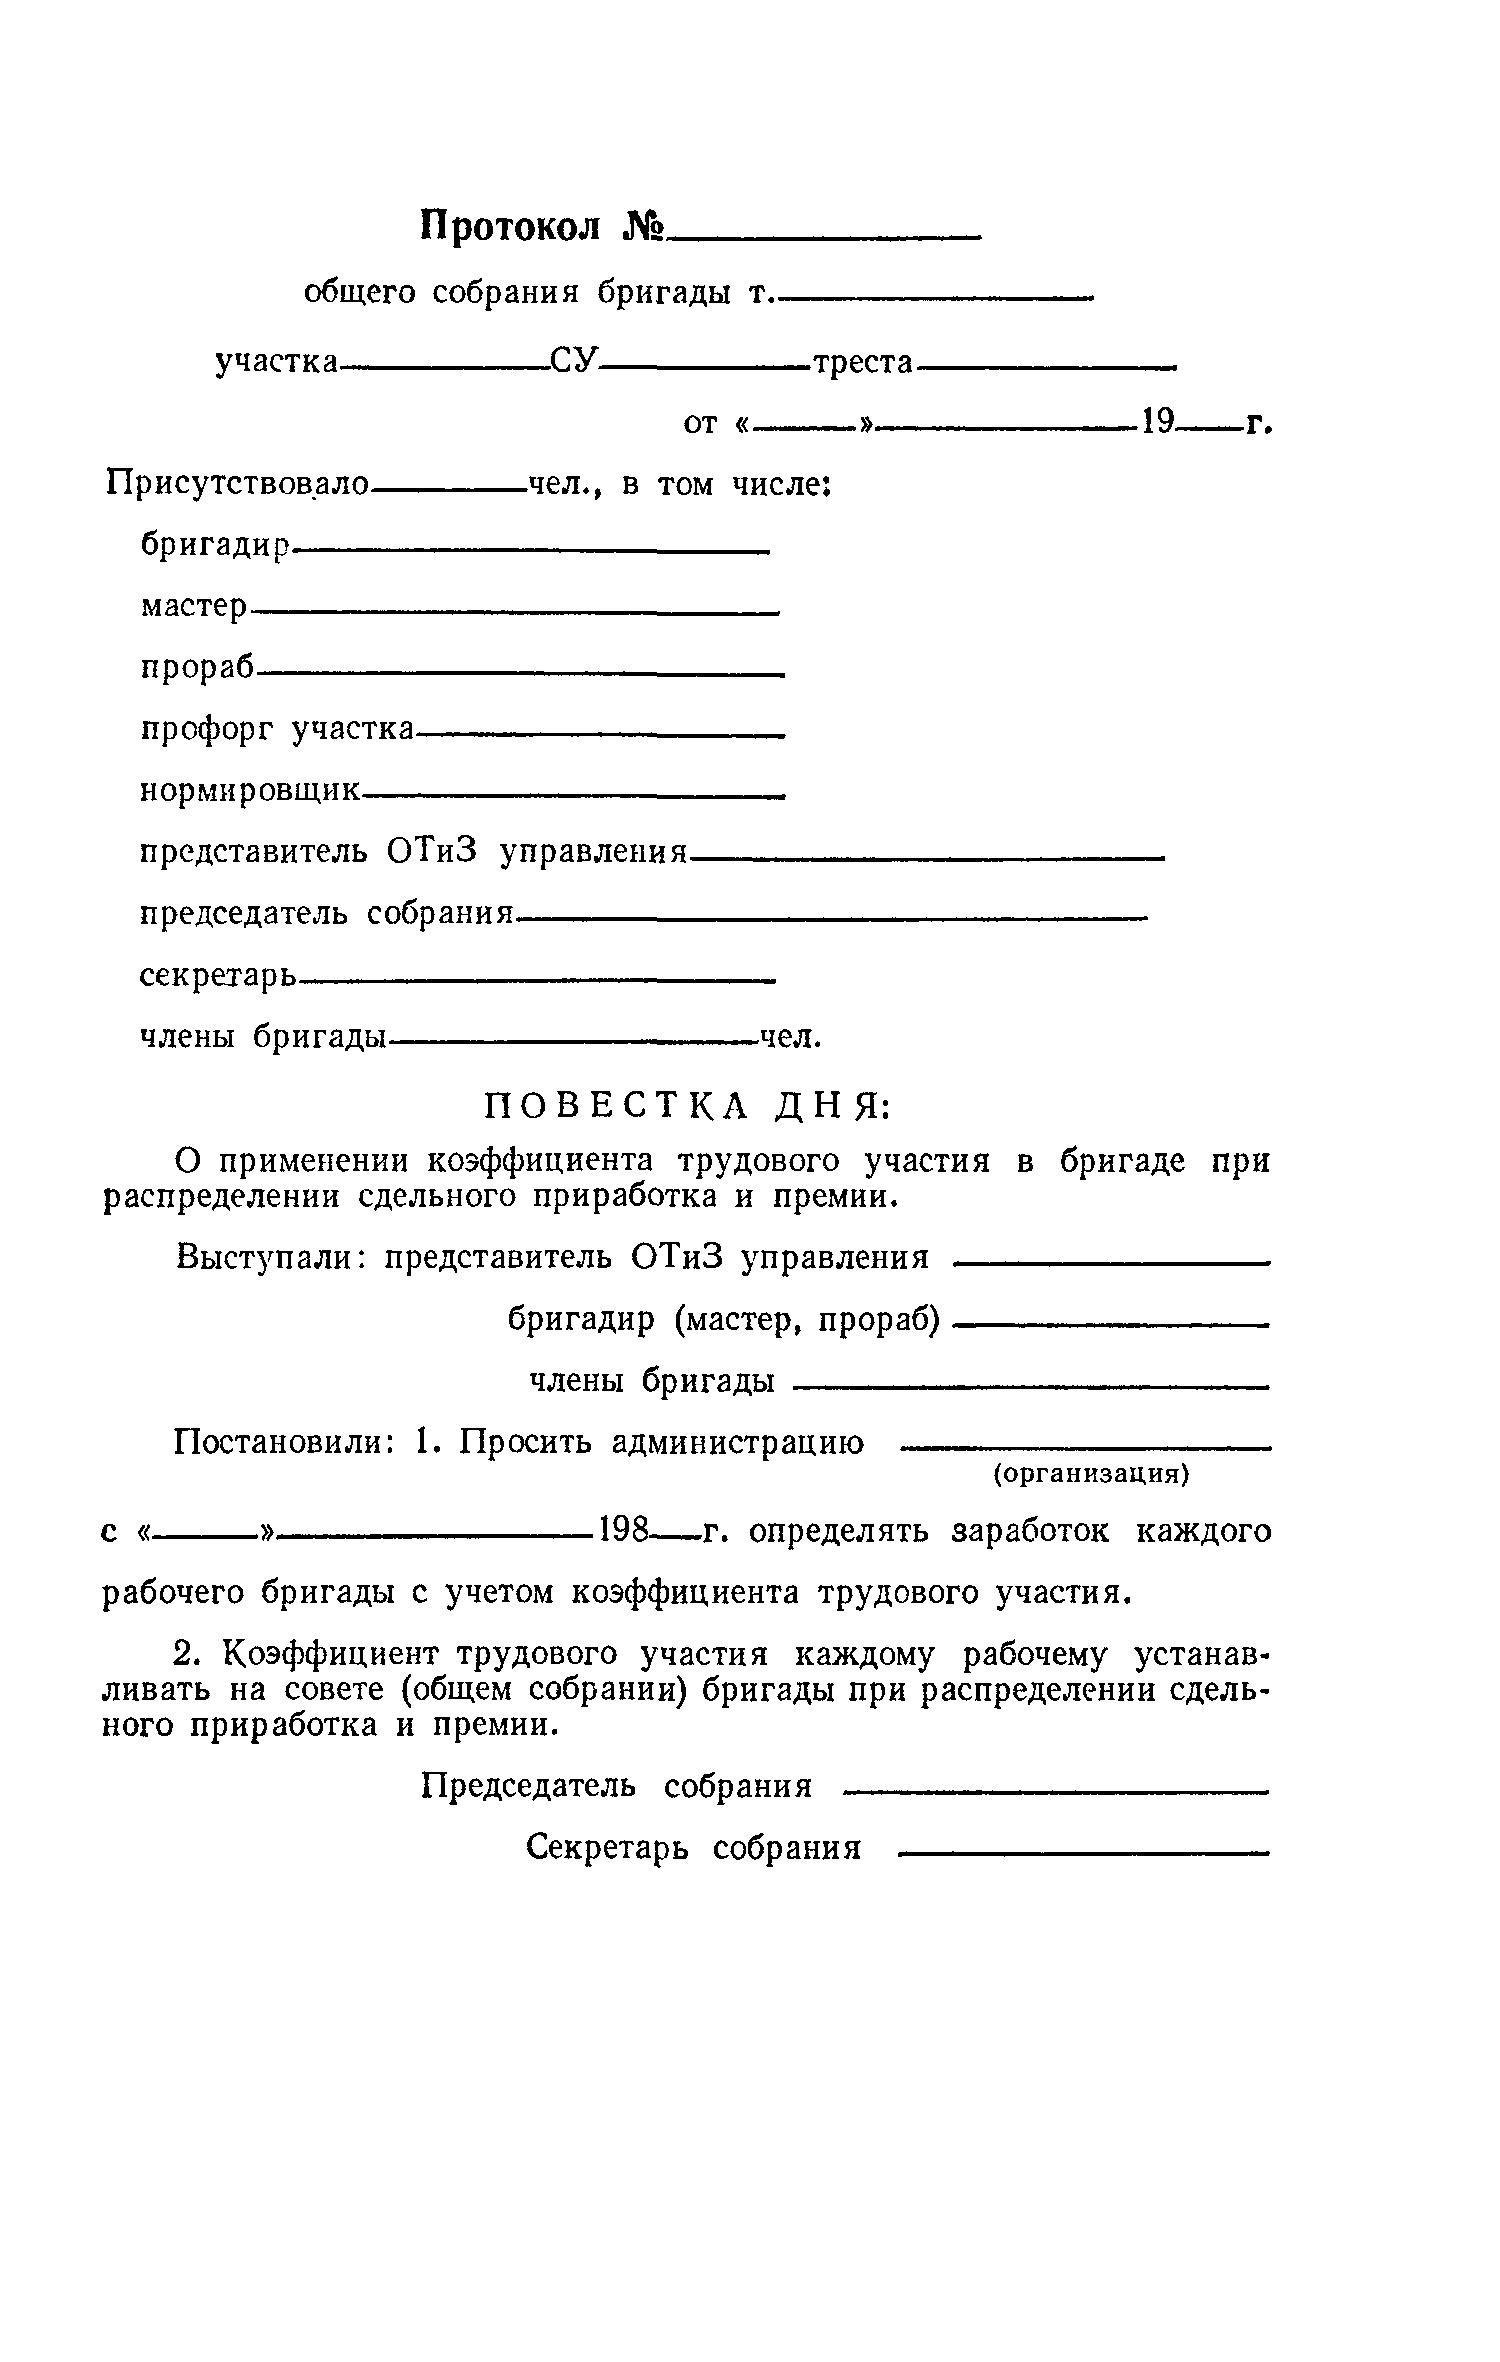 Протокол собрания о применении коэффициента